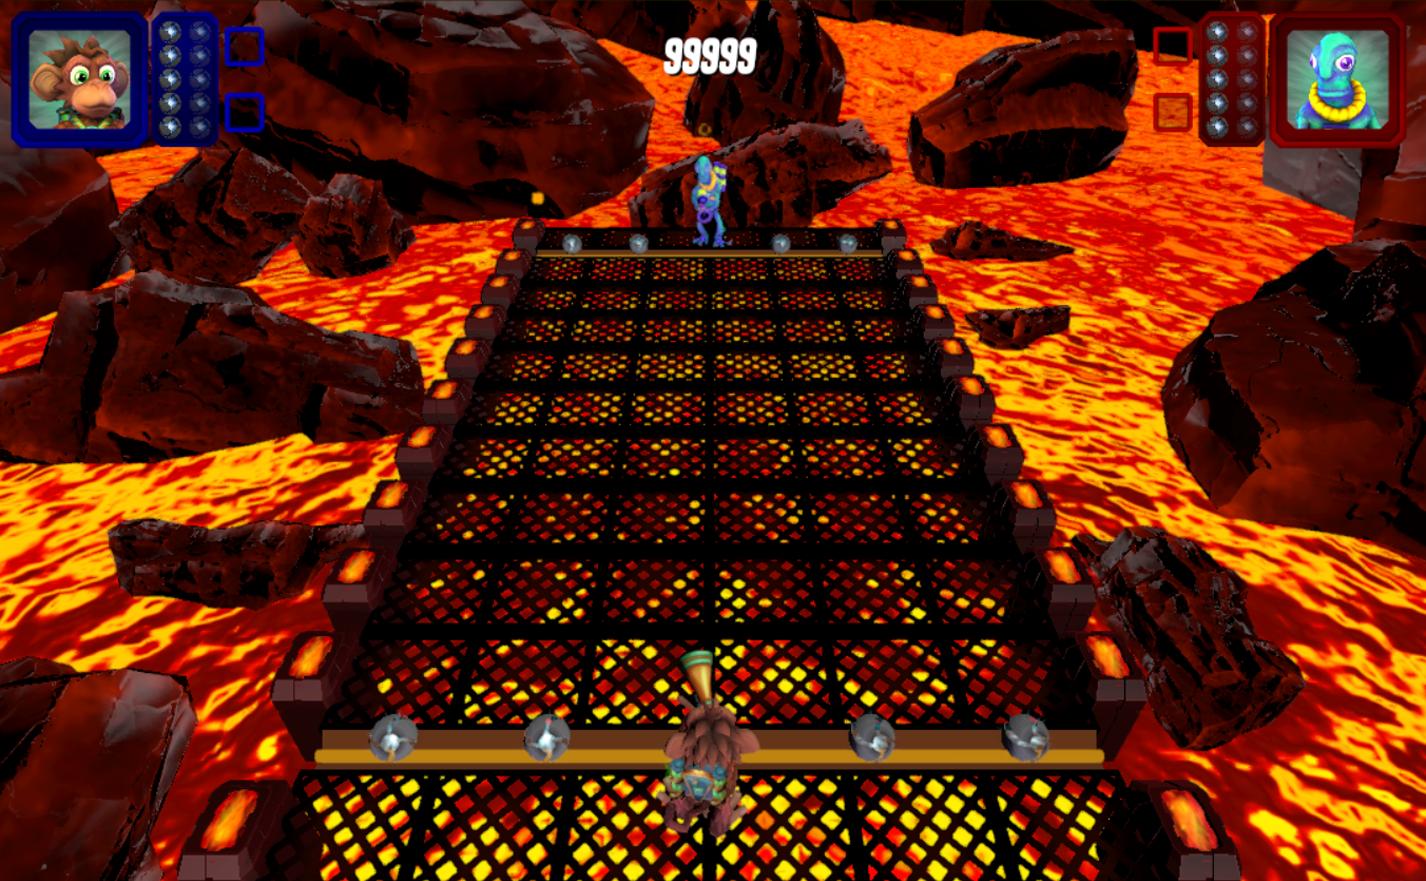 Volcano scenario